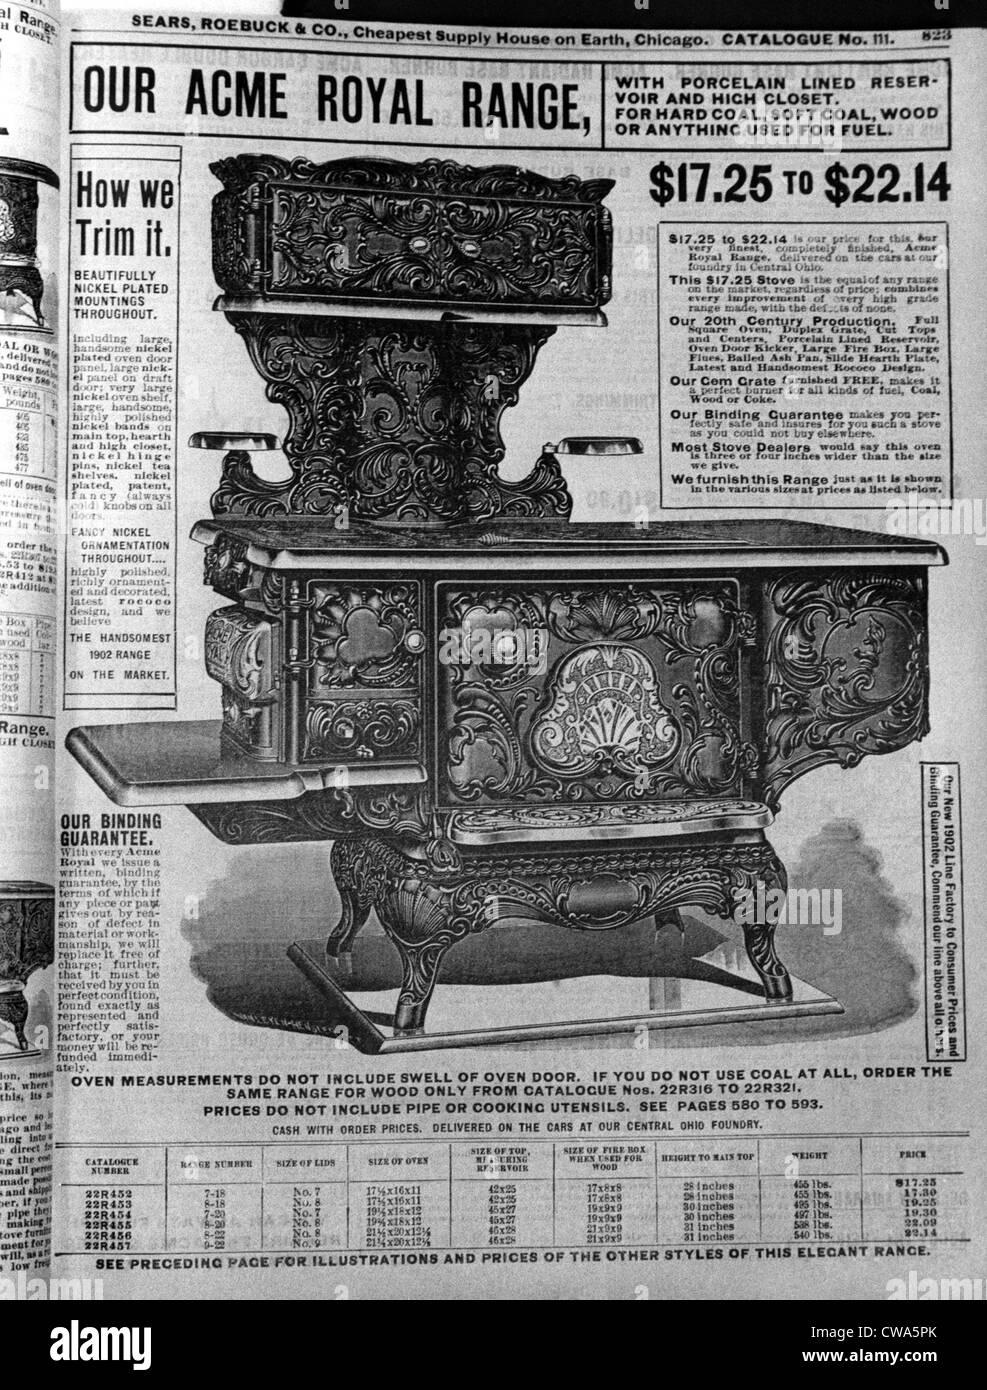 Annuncio per un forno di carbone in un 1902 catalogo Sears.. La cortesia: CSU Archivi / Everett Collection Immagini Stock